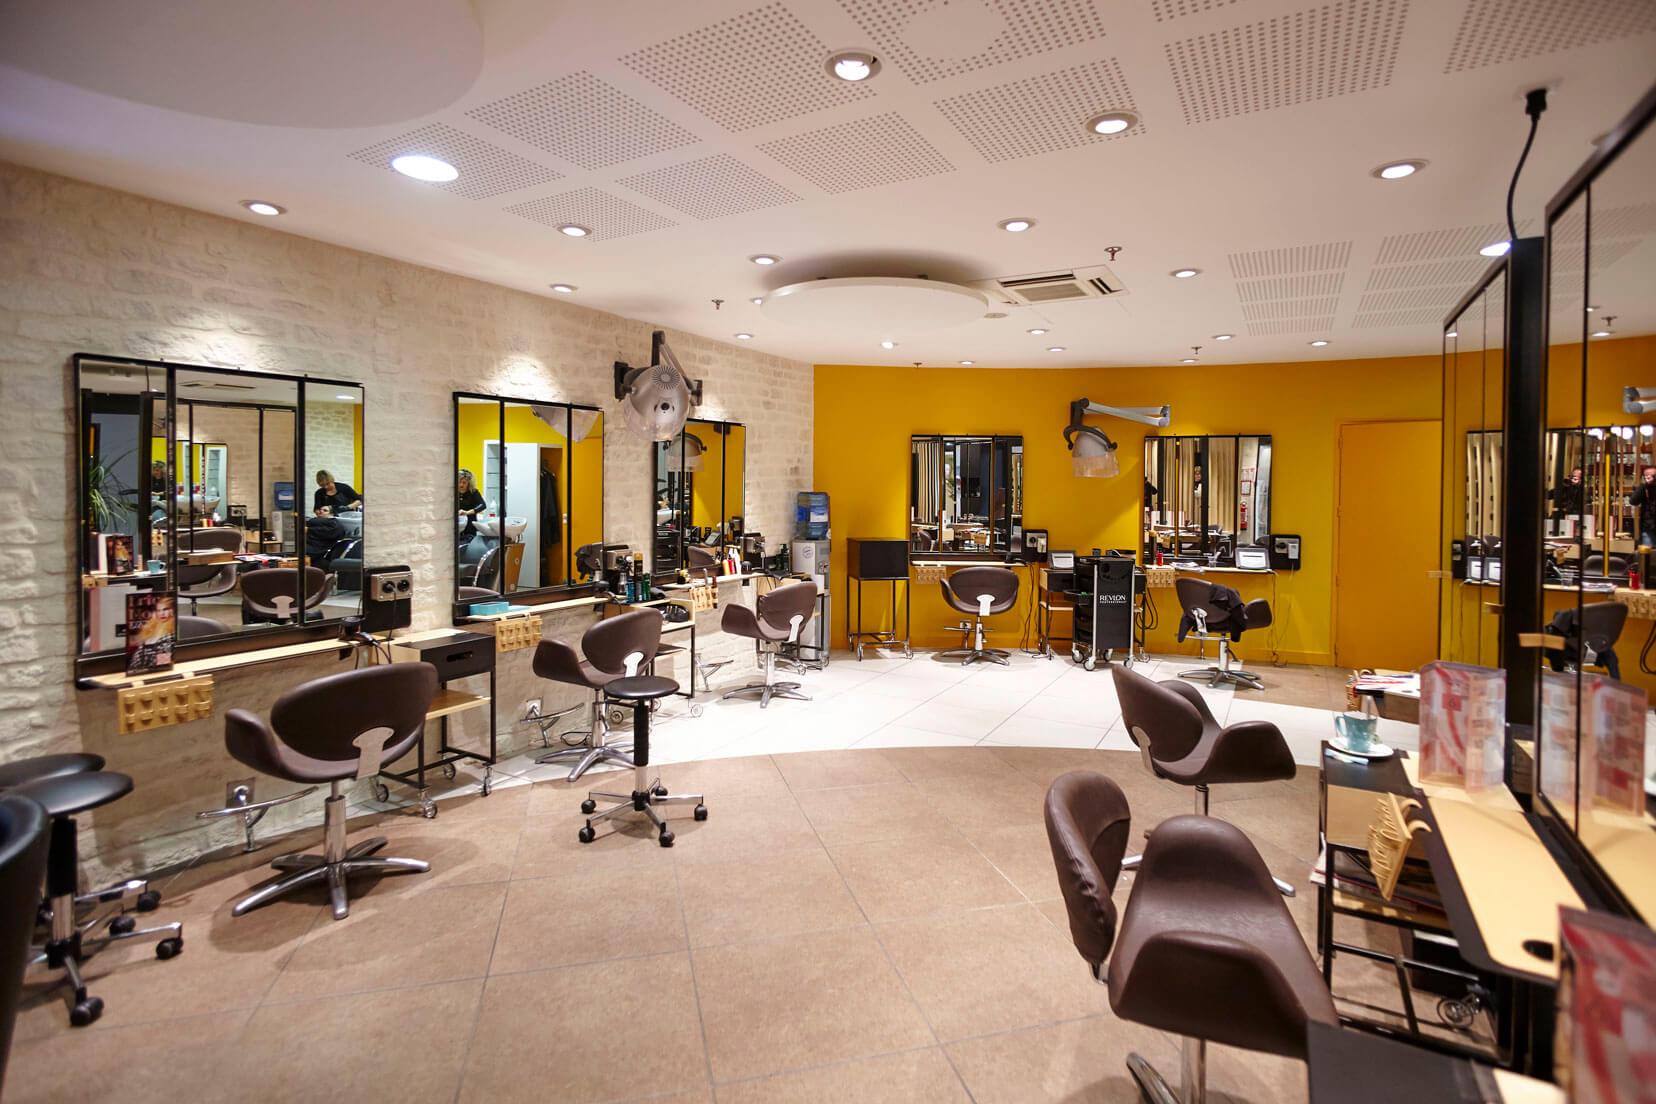 Salon de coiffure : Mobilier d'agencement